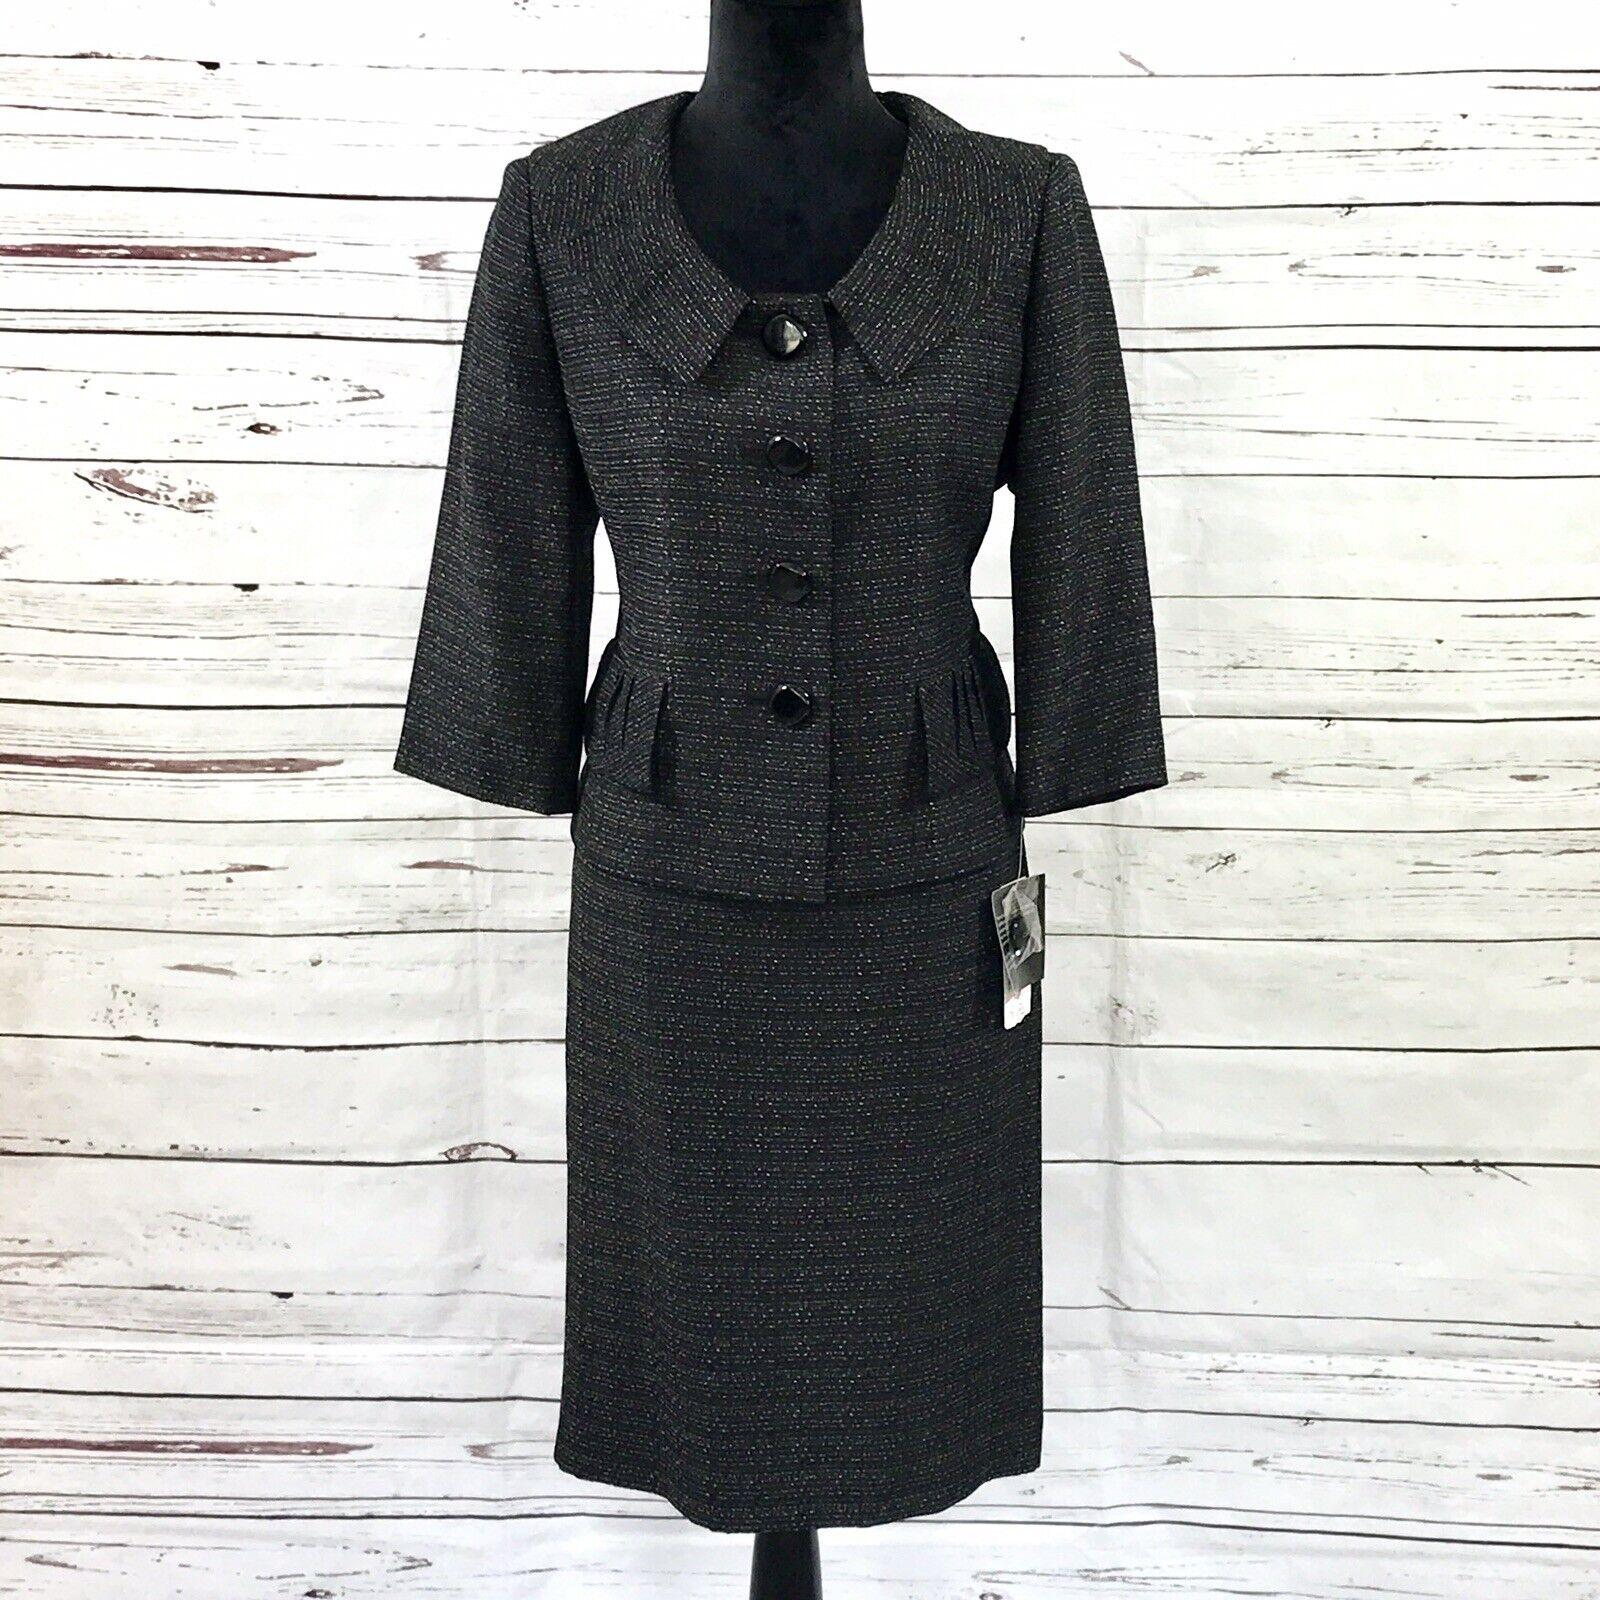 Le Suit Petite Femme 2 Pièces Jupe Suit noir or tweed taille 10P Neuf avec étiquettes 200